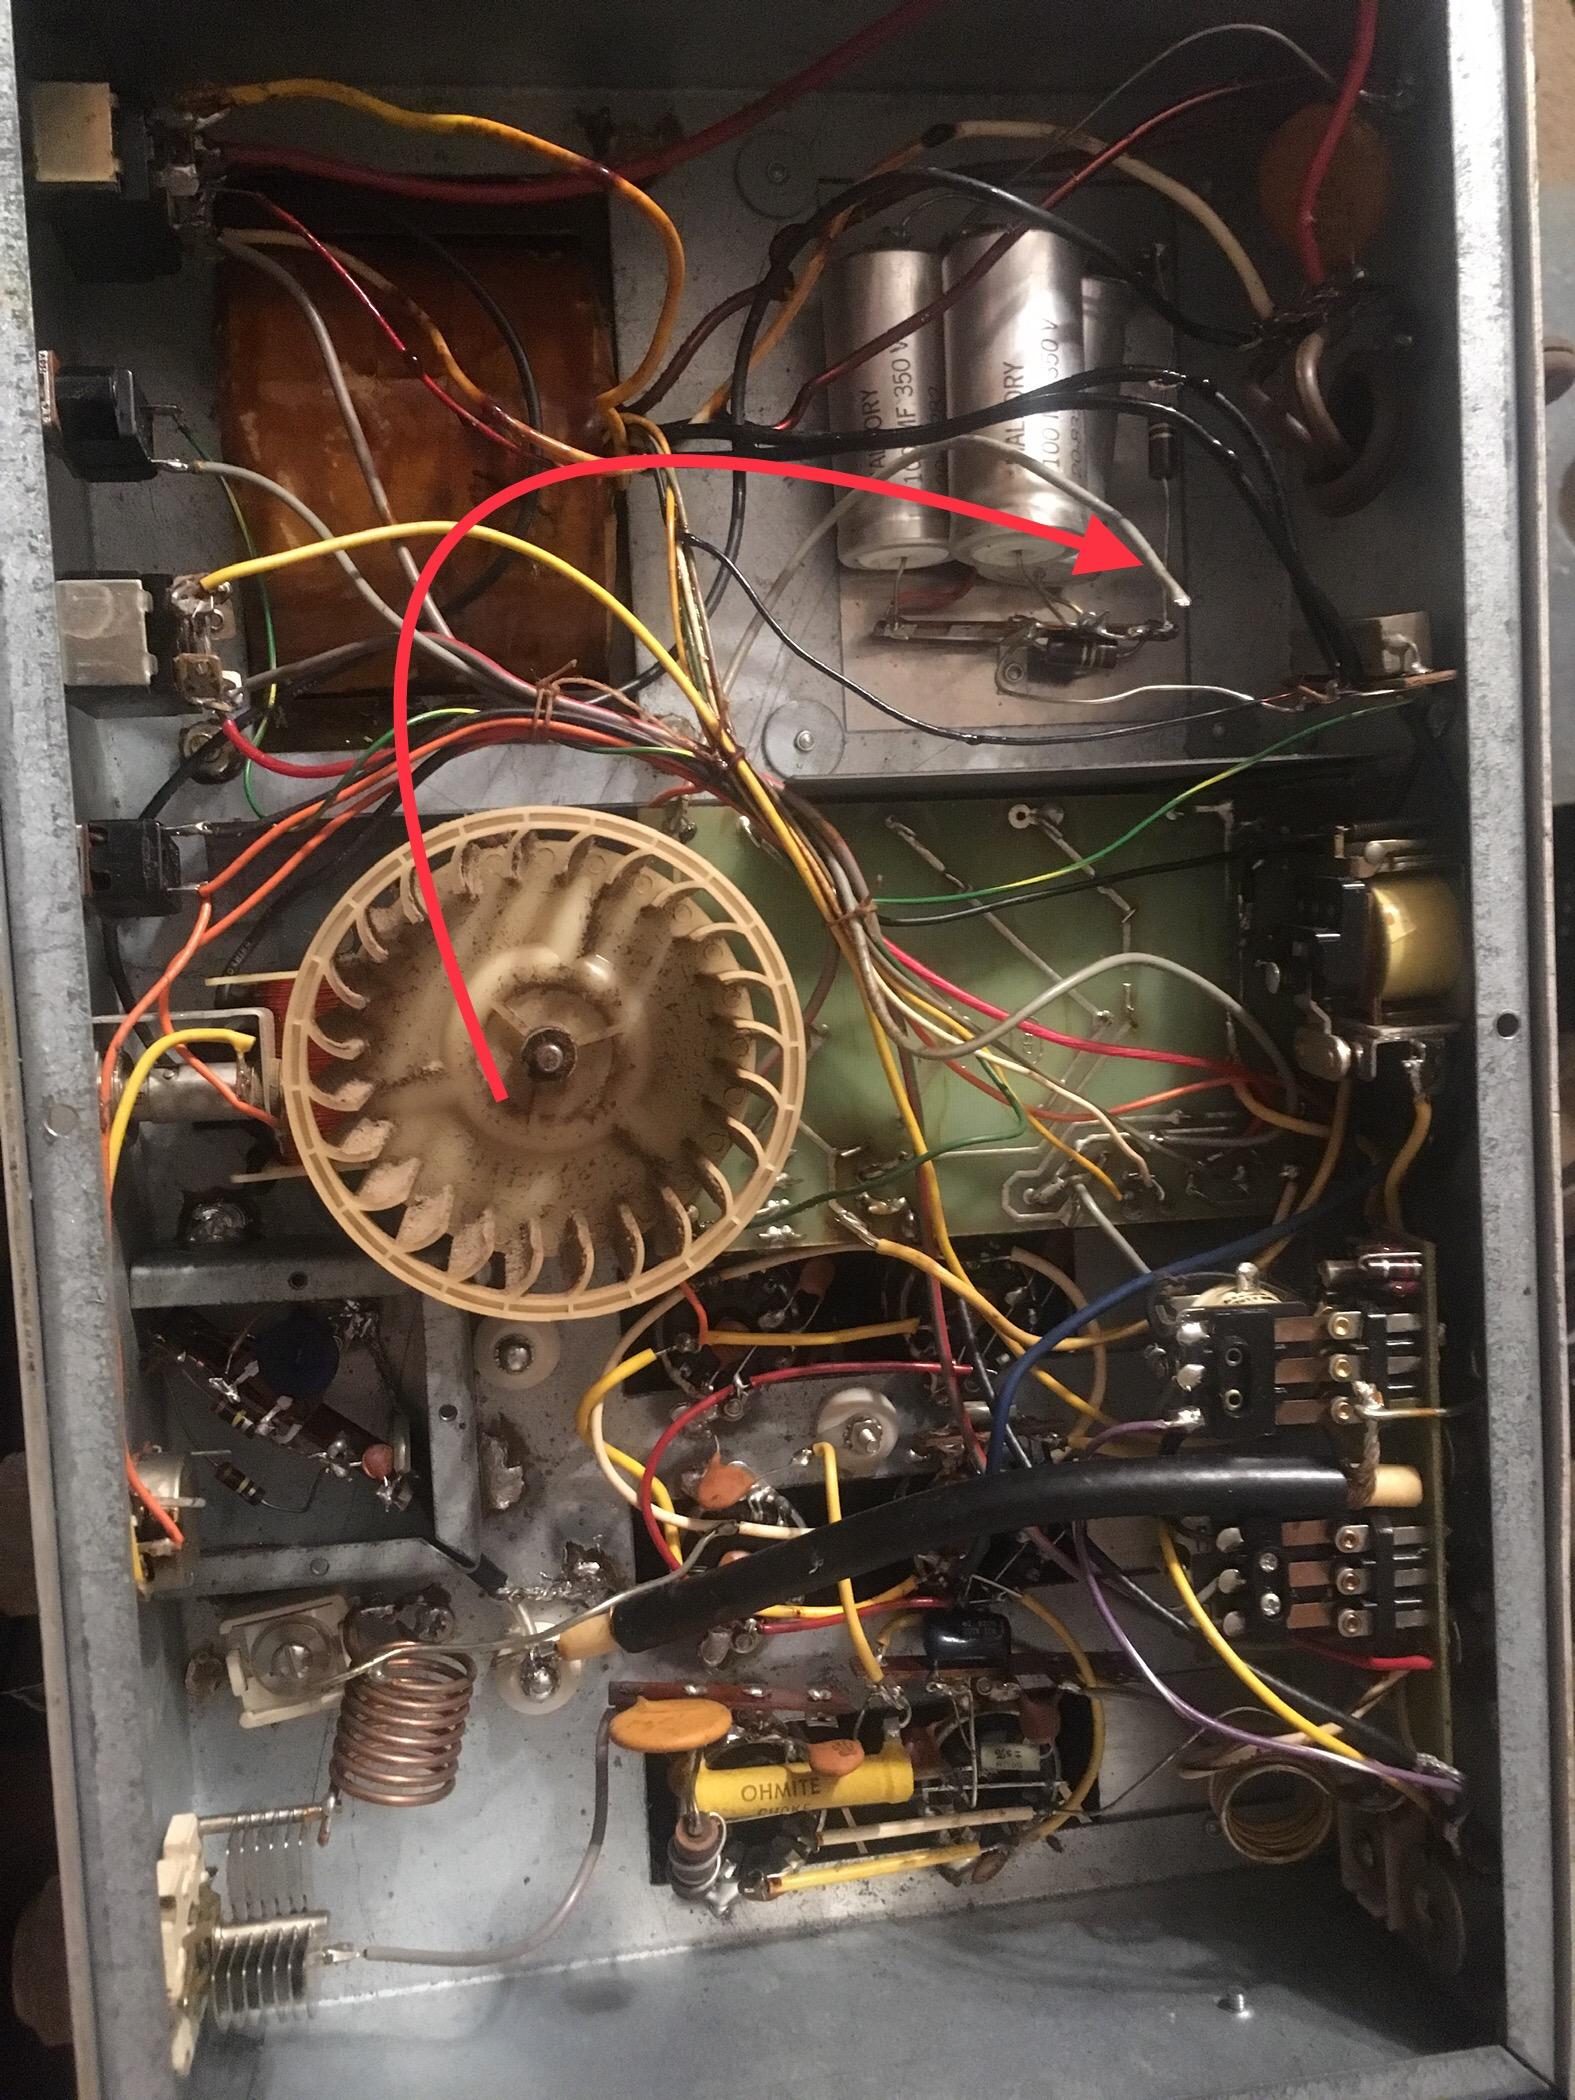 FFF35264-2A4C-4BF7-8BDB-F438C0AD2C8D.jpeg